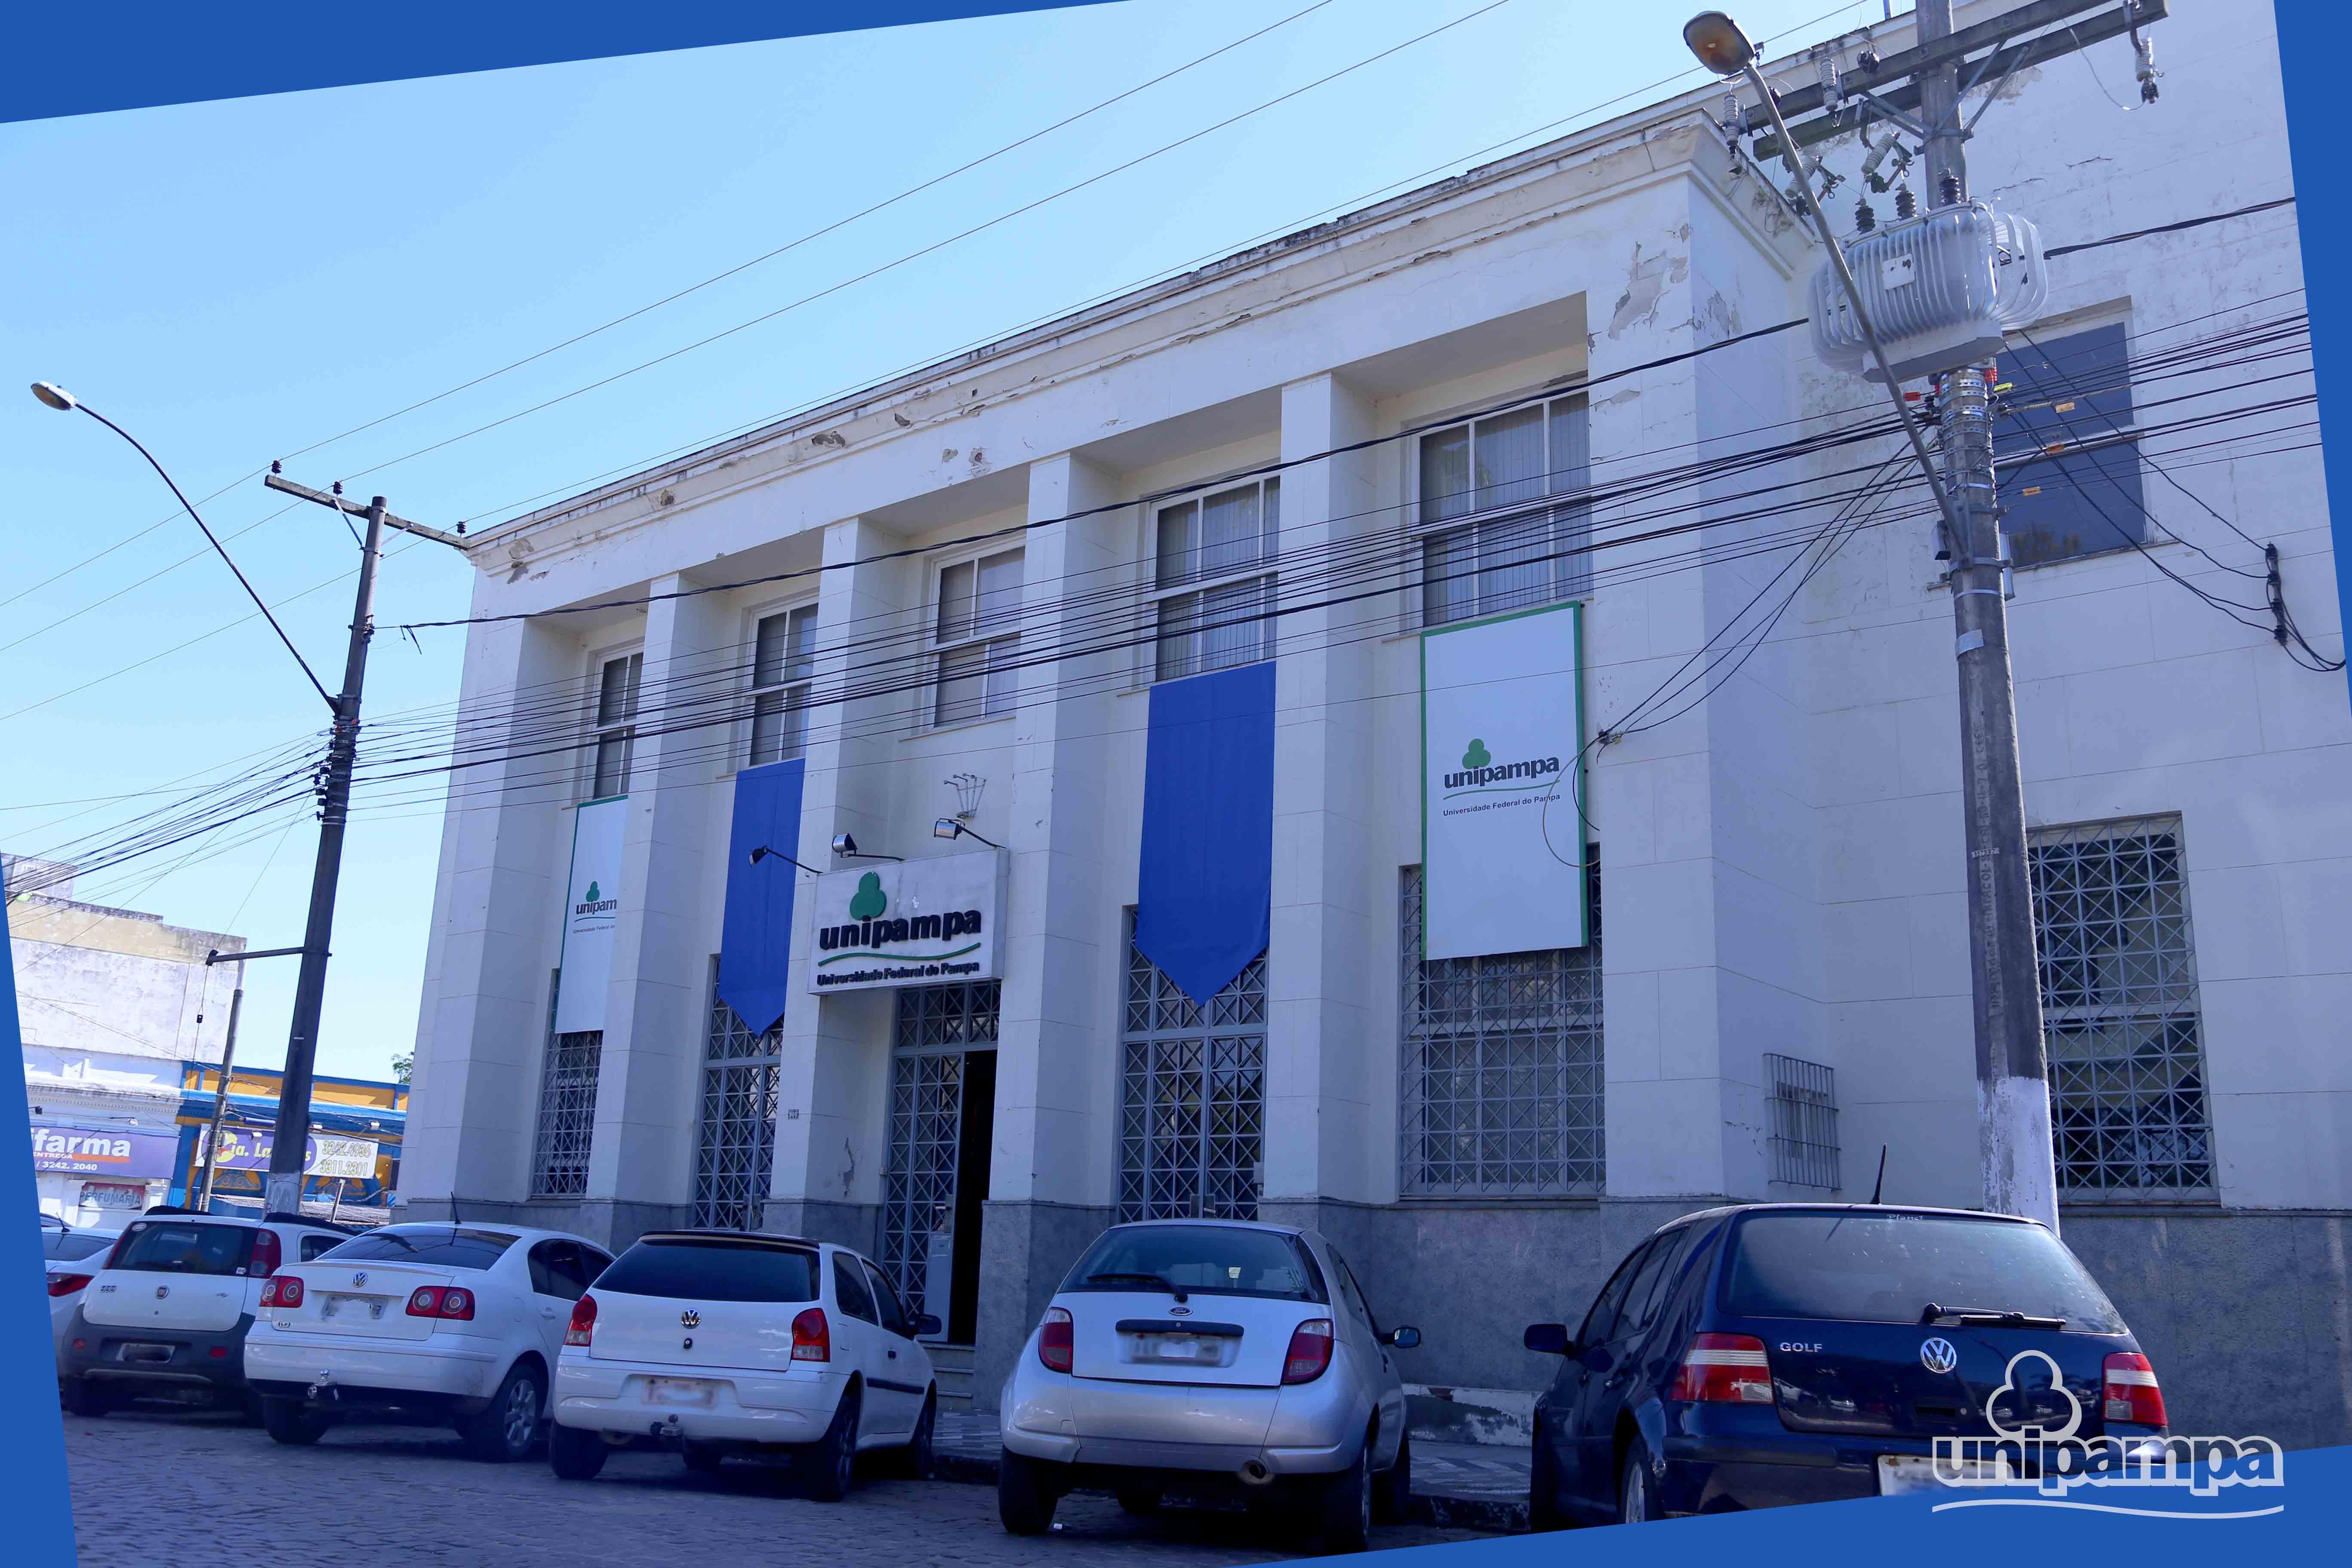 fachada da Reitoria com paineis azuis